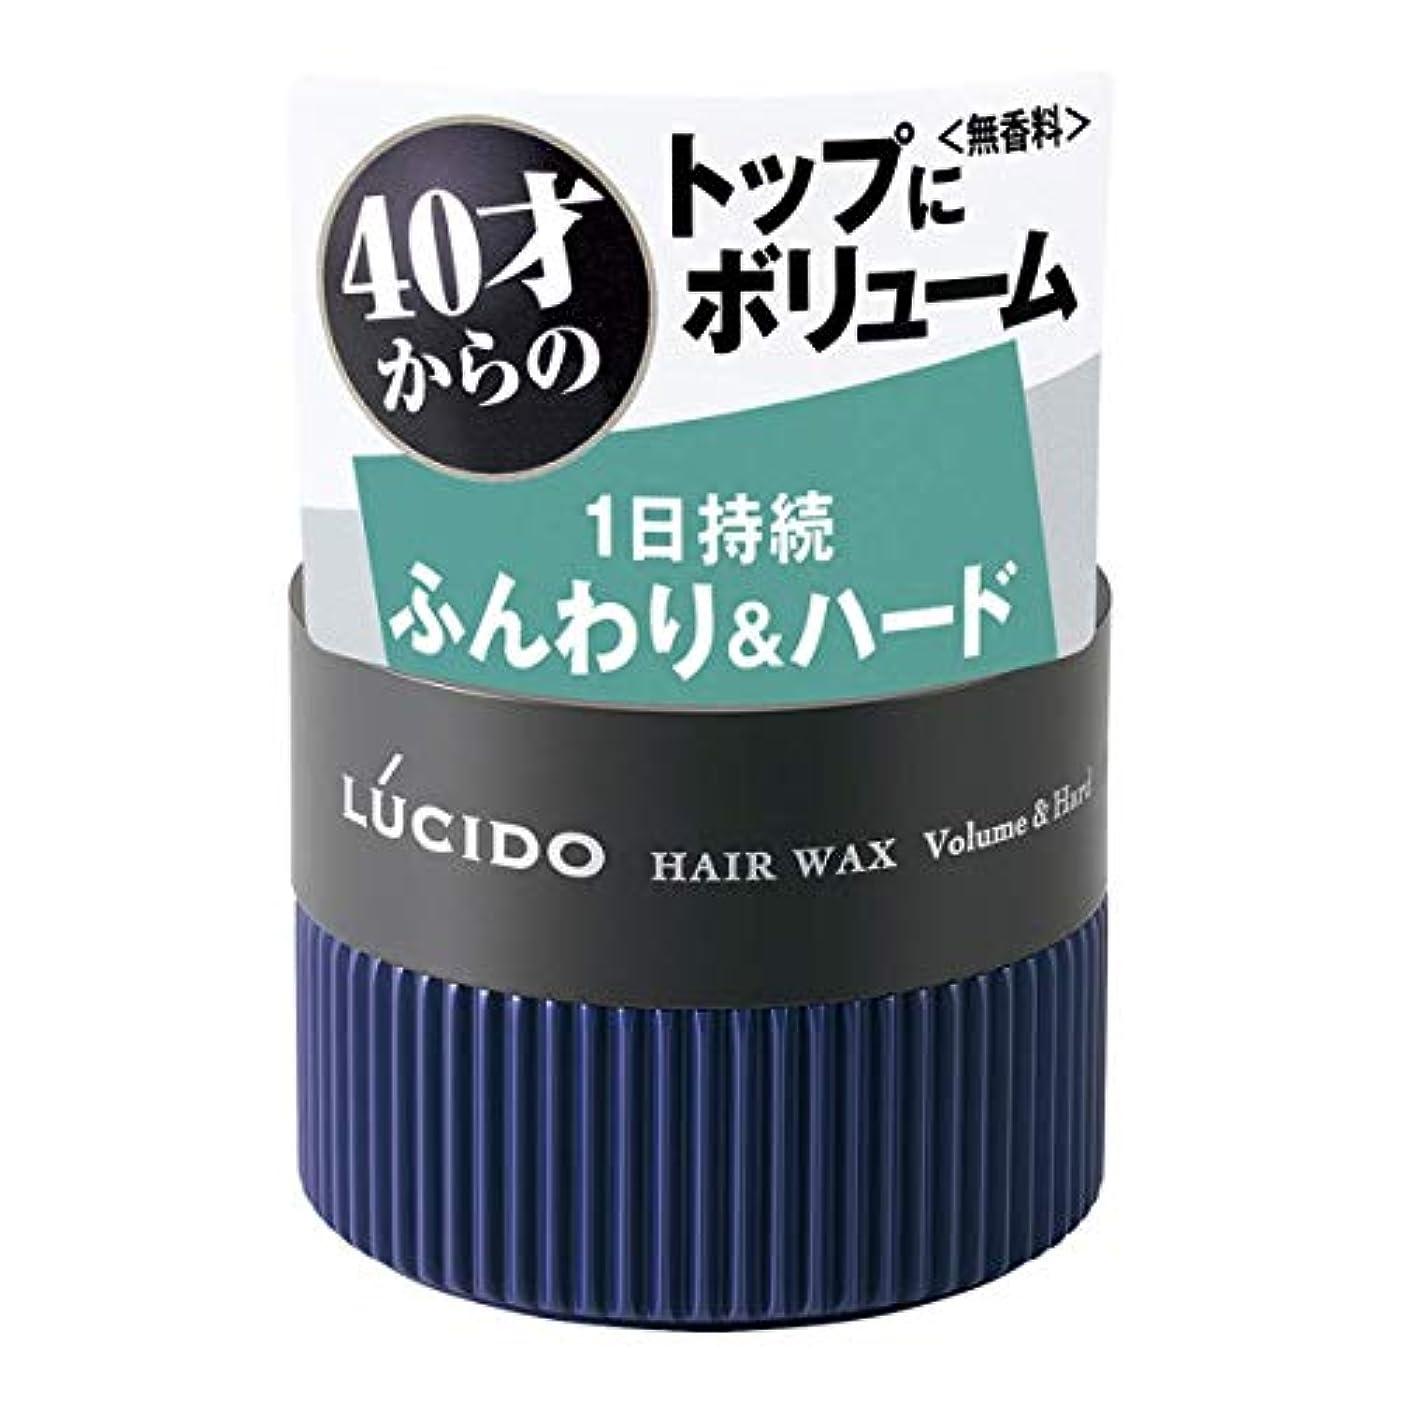 トマトテロリスト食い違い【3個セット】LUCIDO(ルシード) ヘアワックス ボリューム&ハード 80g